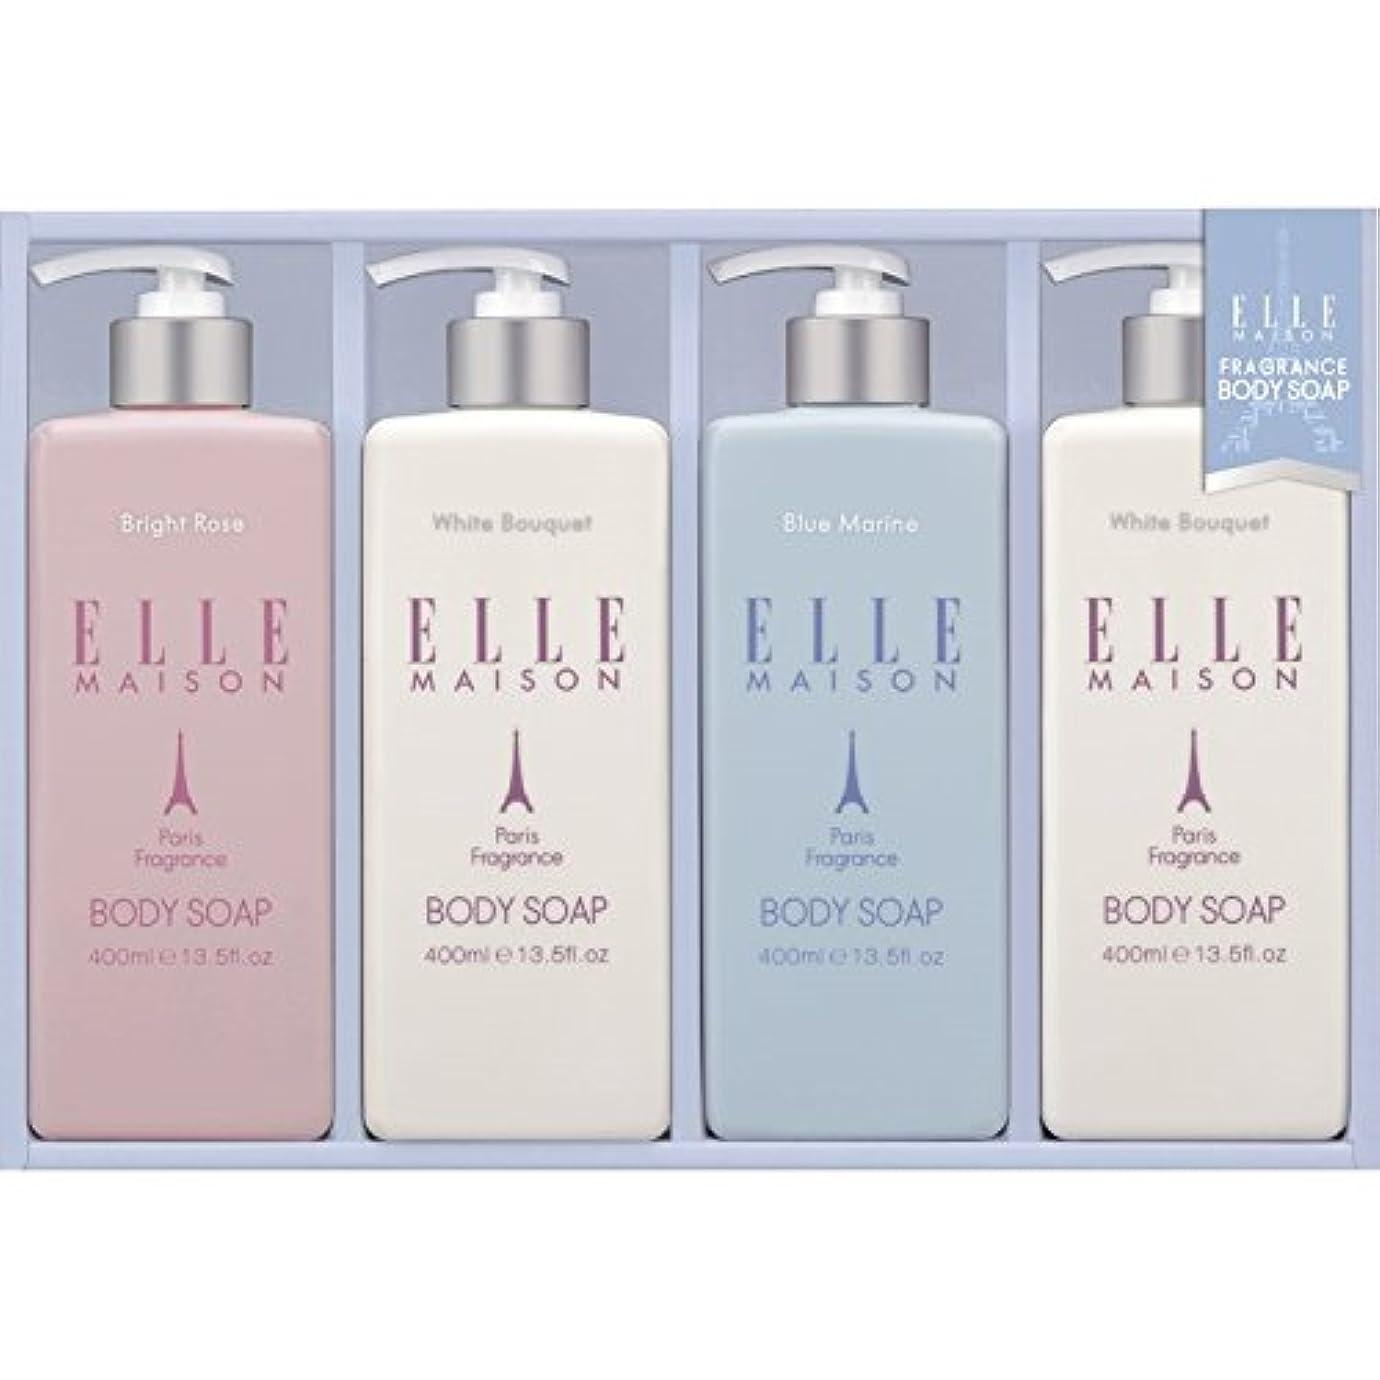 伝統的葉ホースELLE MAISON ボディソープギフト EBS-20 【保湿 いい匂い うるおい 液体 しっとり 良い香り やさしい 女性 贅沢 全身 美肌 詰め合わせ お風呂 バスタイム 洗う 美容】